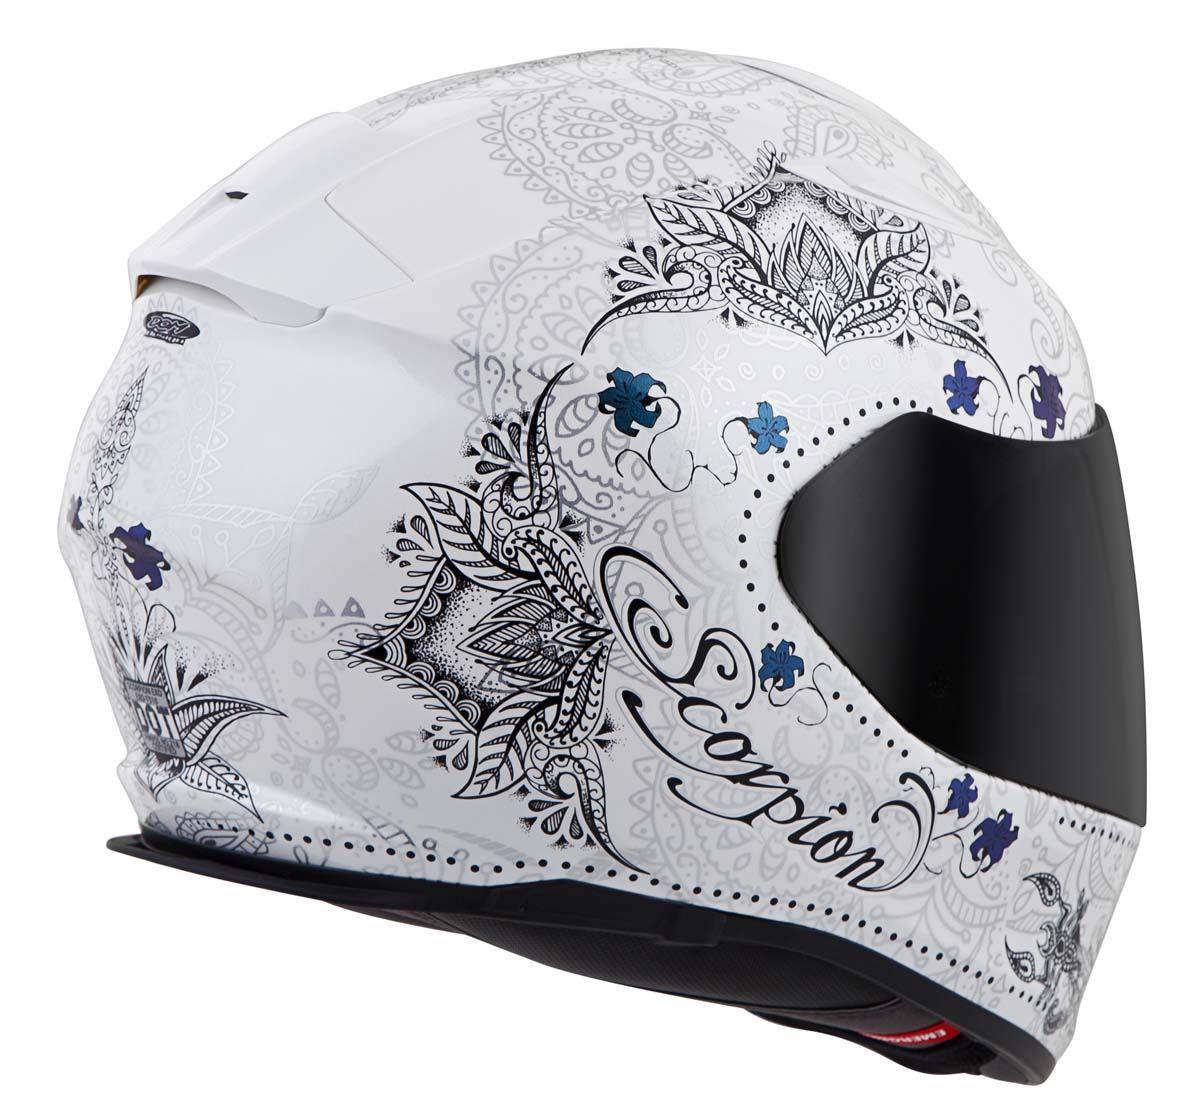 Scorpion-EXO-T510-Helmet-Full-Face-DOT-Approved-Inner-Sun-Shield miniature 72